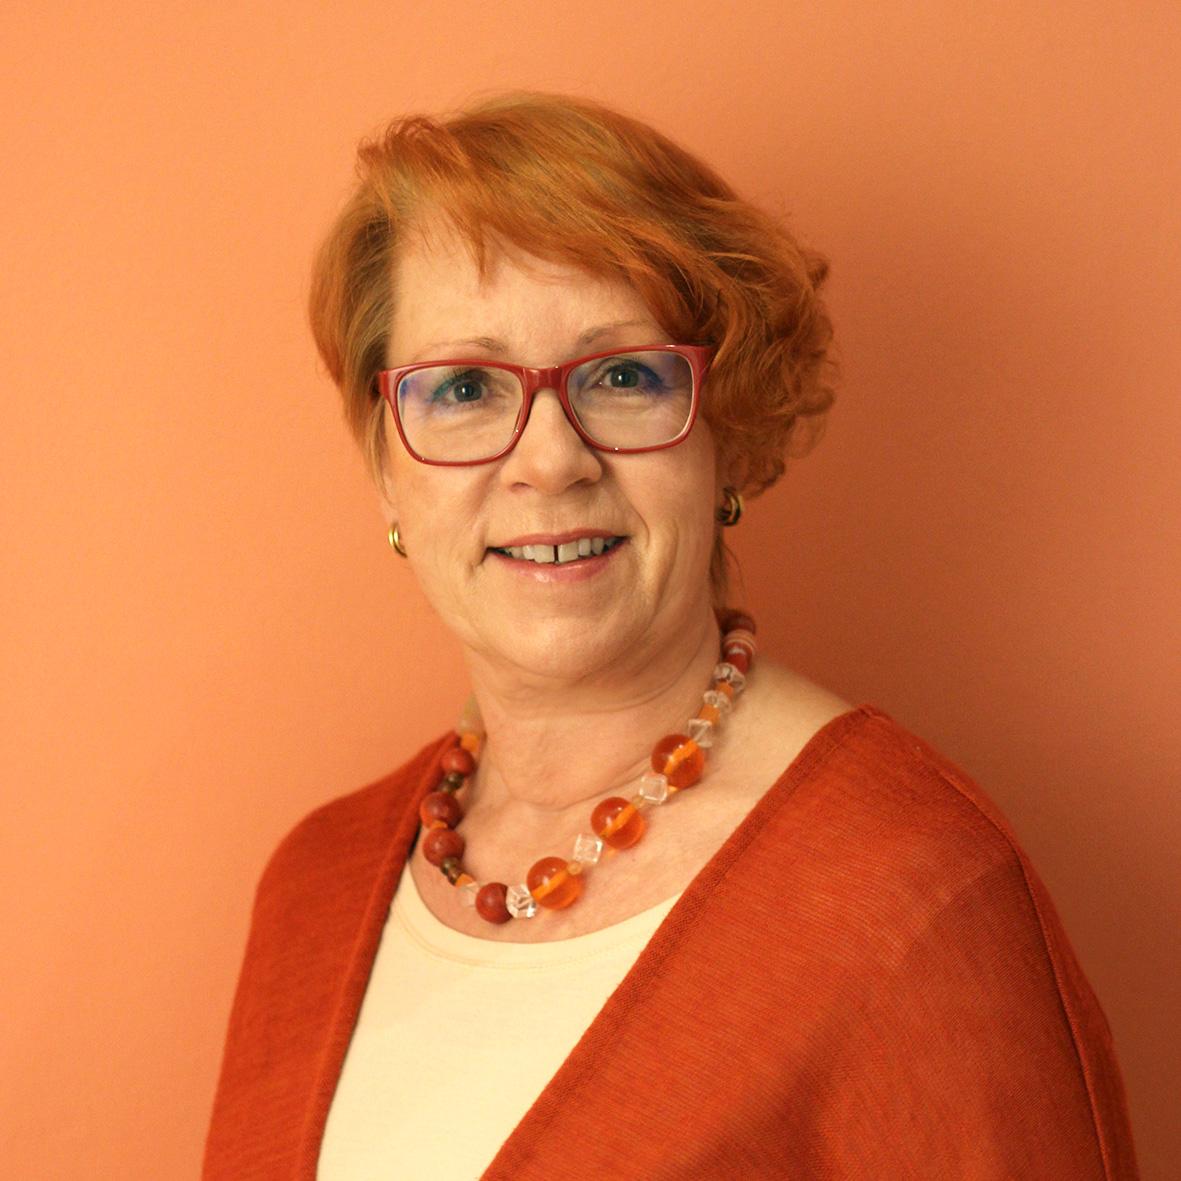 Porträt von Frau Dr. med. Brigitte Nickel